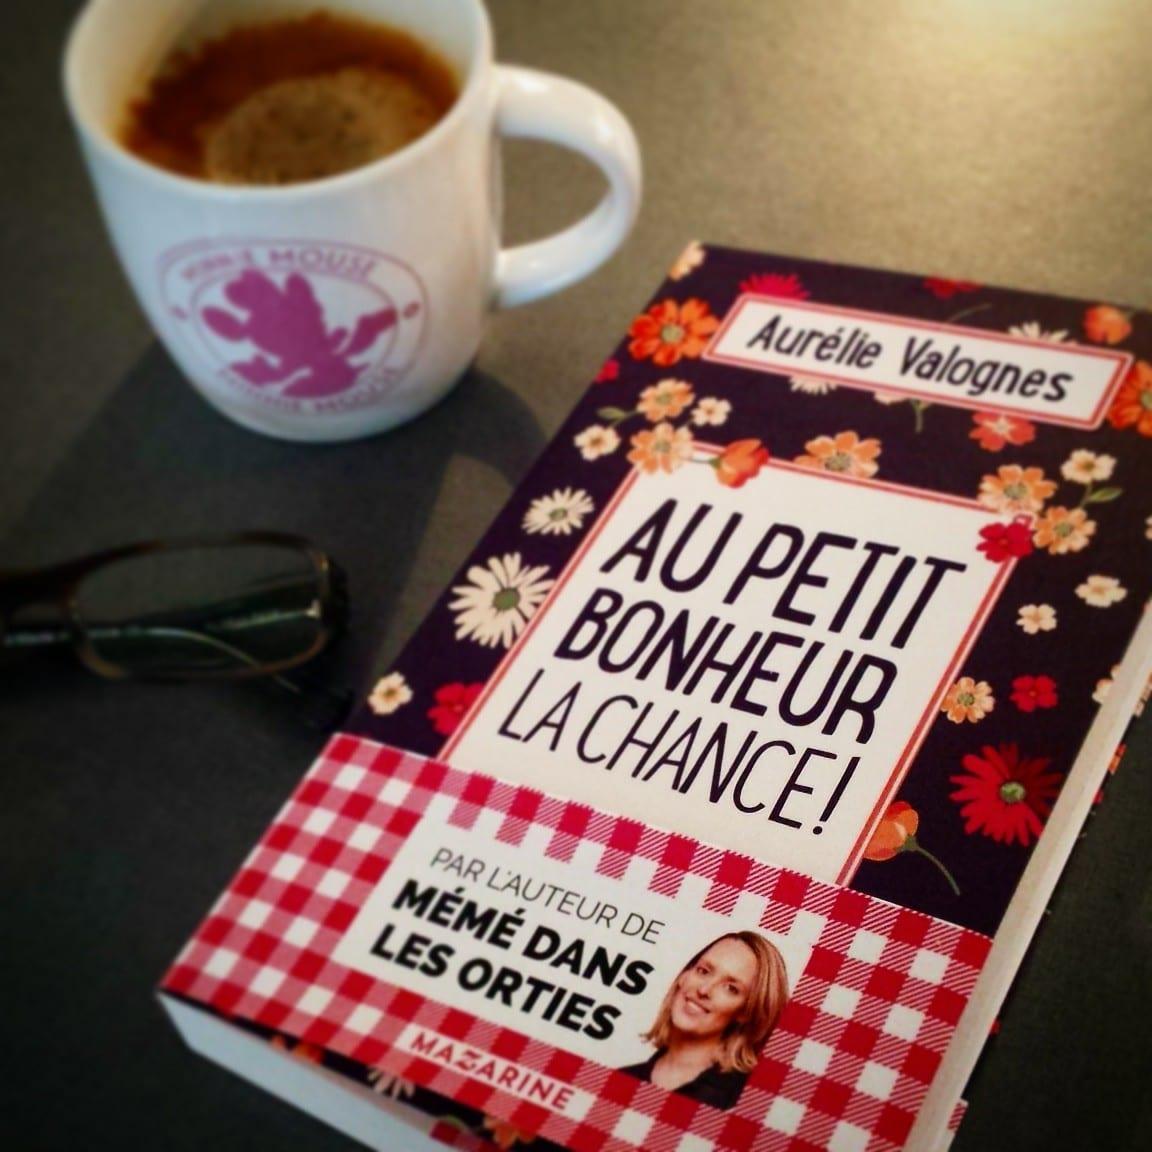 Au petit bonheur la chance – Aurélie Valognes